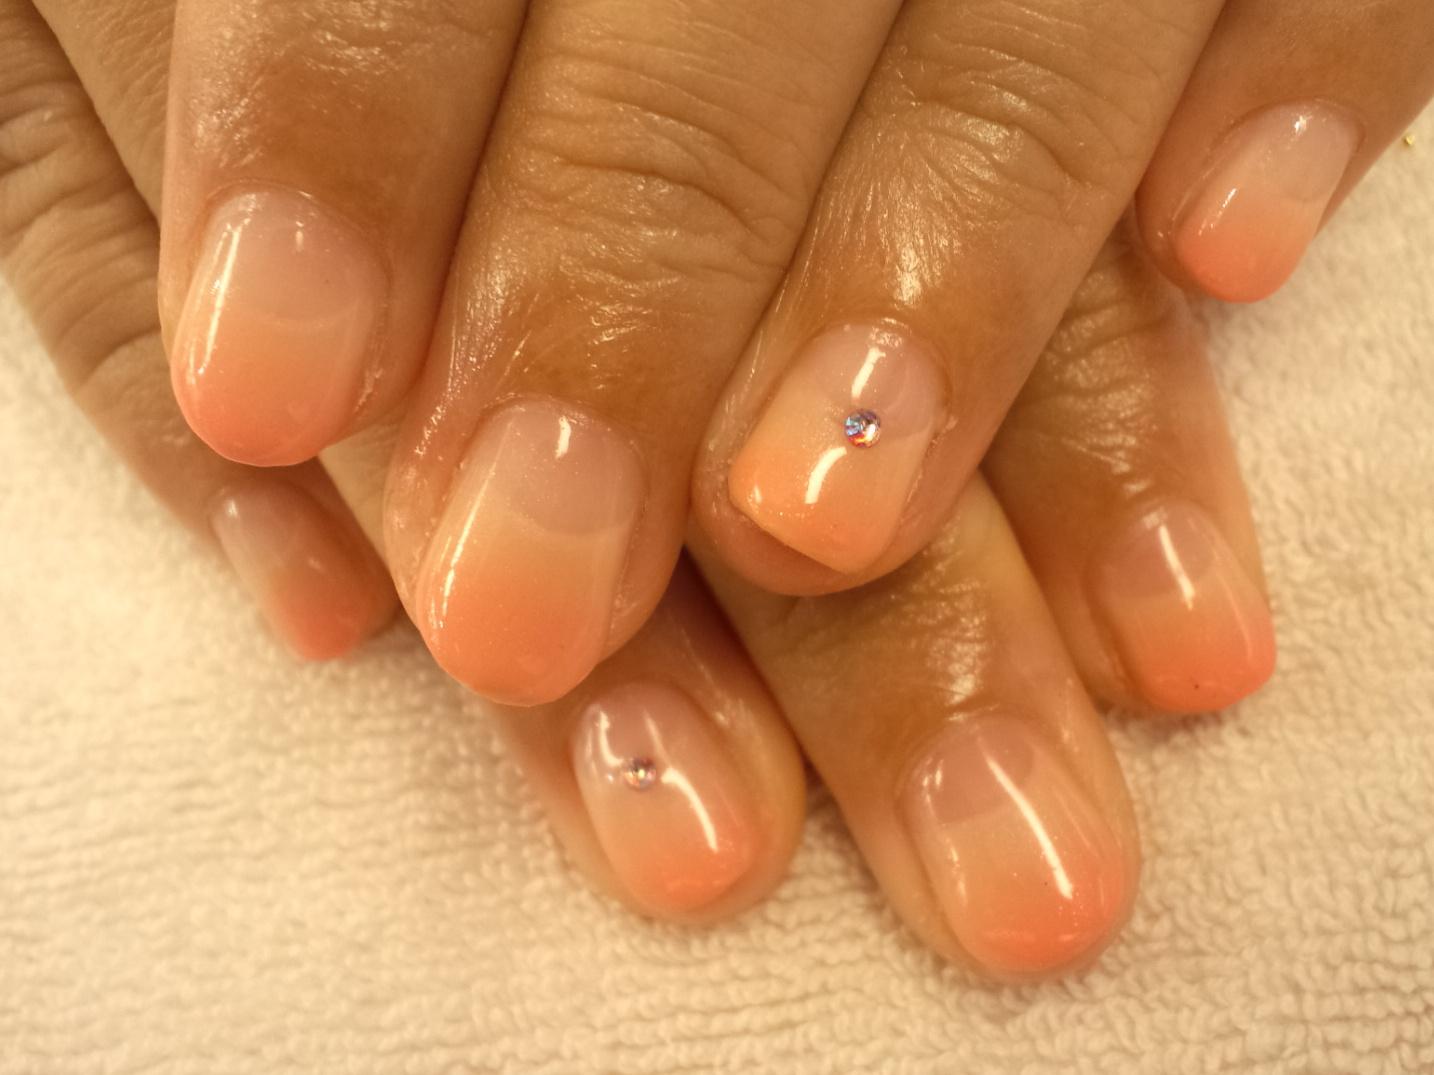 モモネイル ジェルネイル画像 桃ネイル 桃色ネイル画像 フルーティーネイル フルーツネイル 果物ネイル ネイル桃